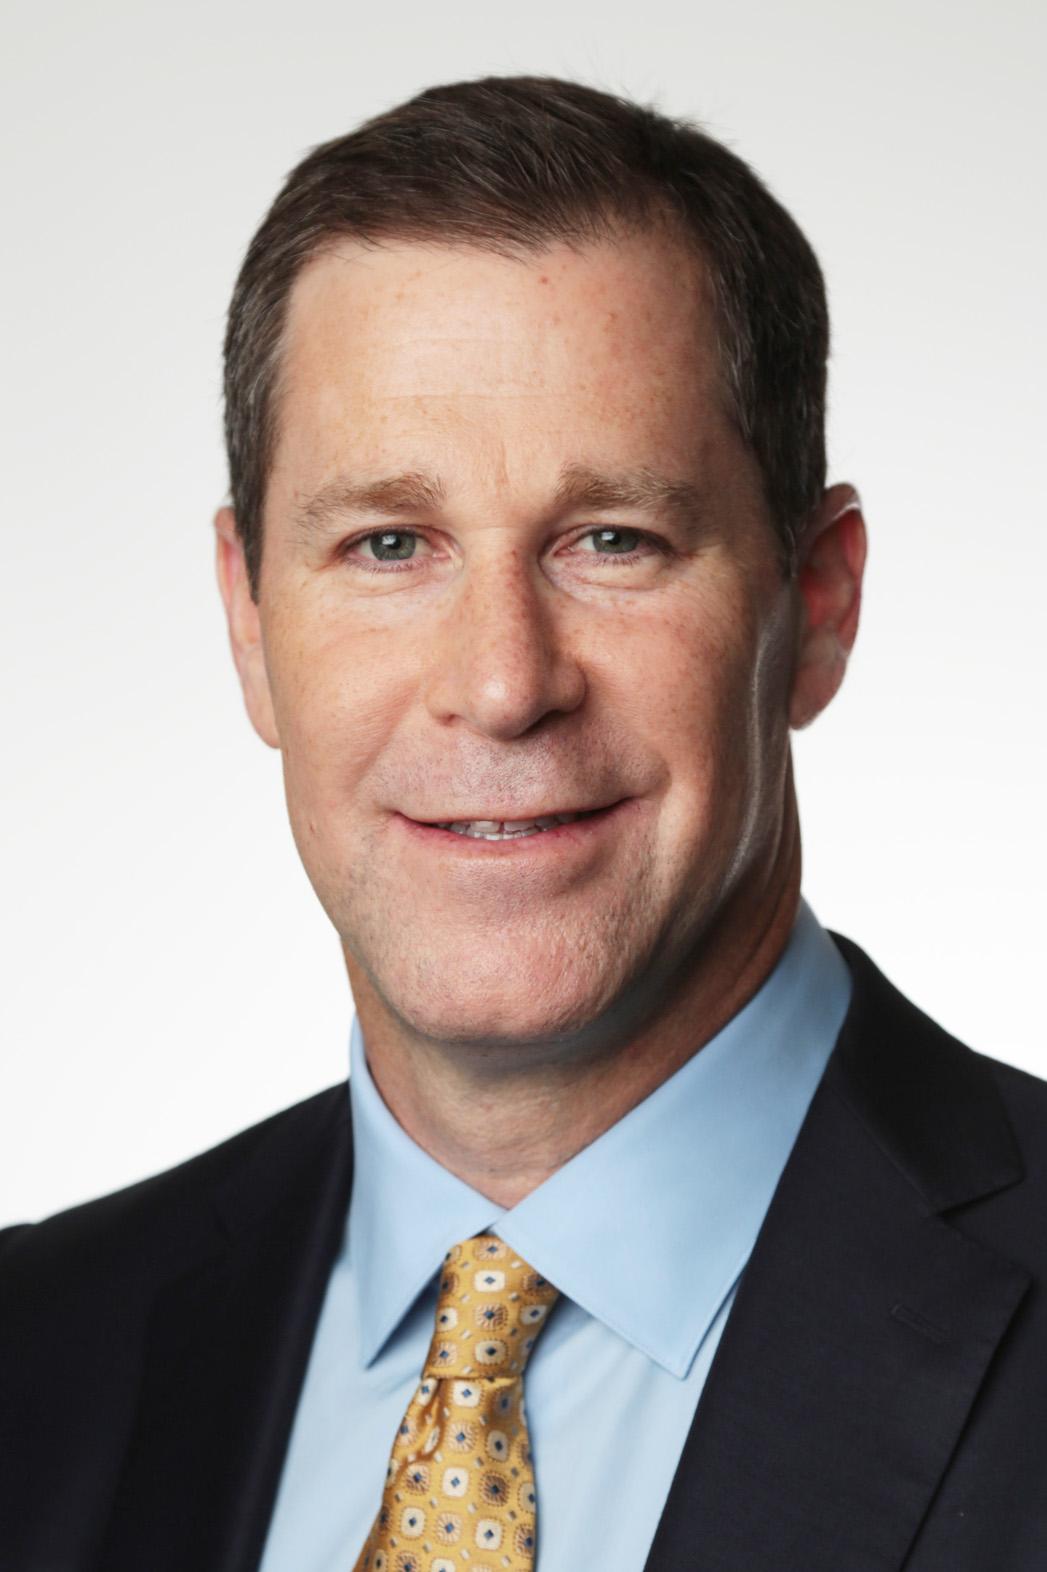 Matt Rice UTA Headshot - P 2014